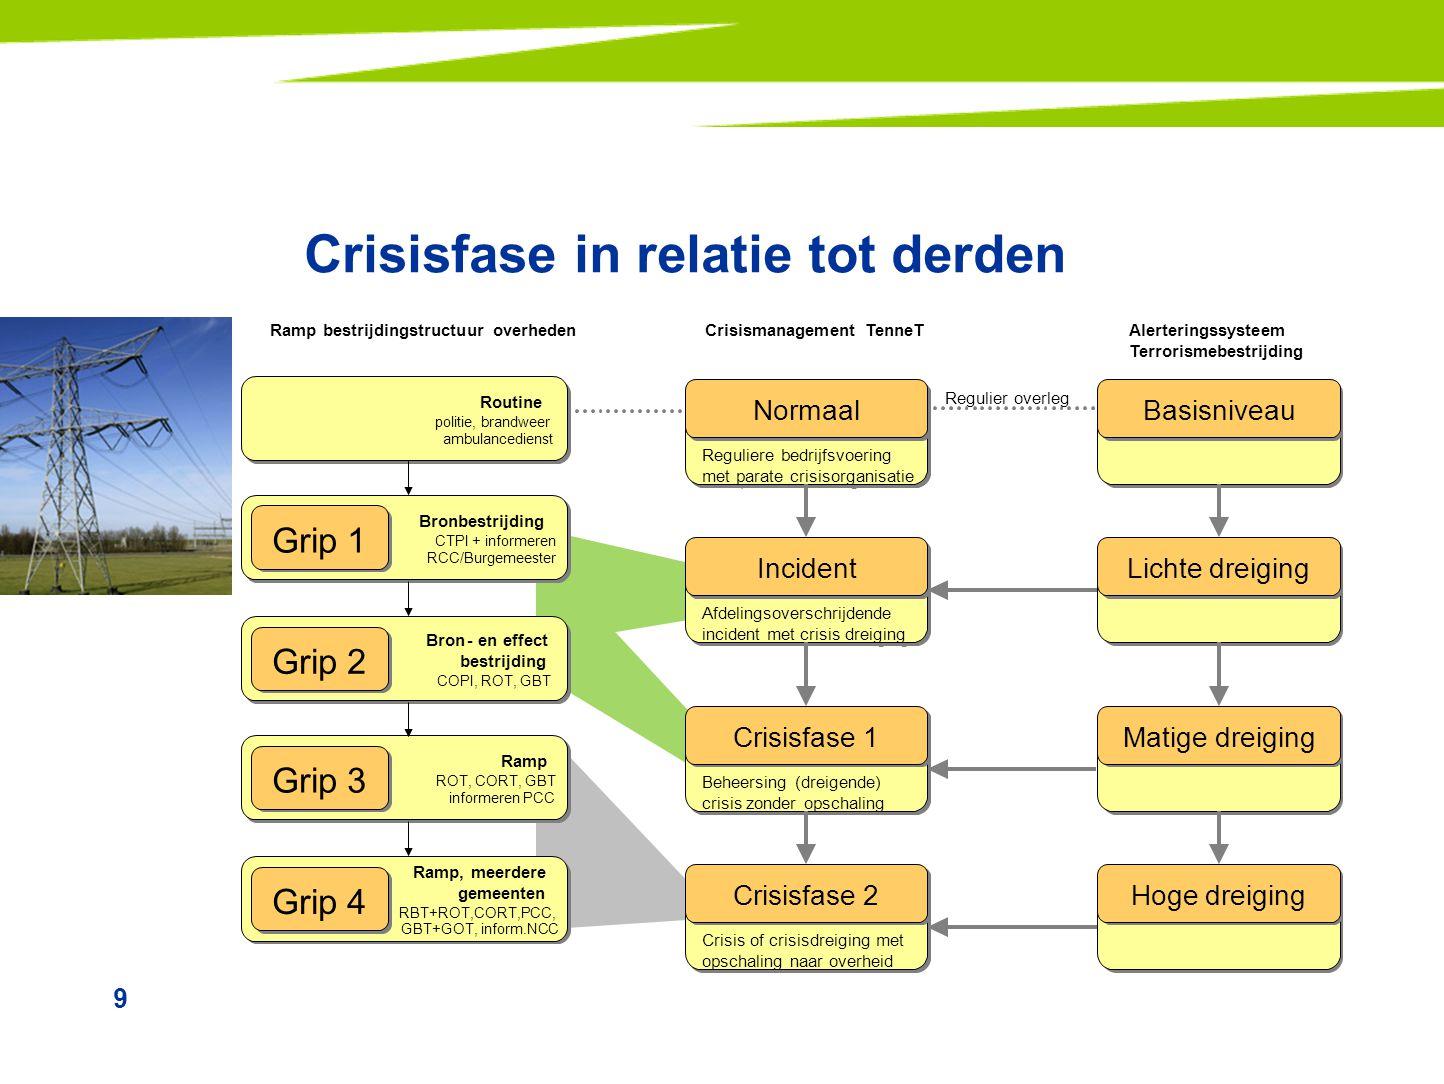 Crisisfase in relatie tot derden